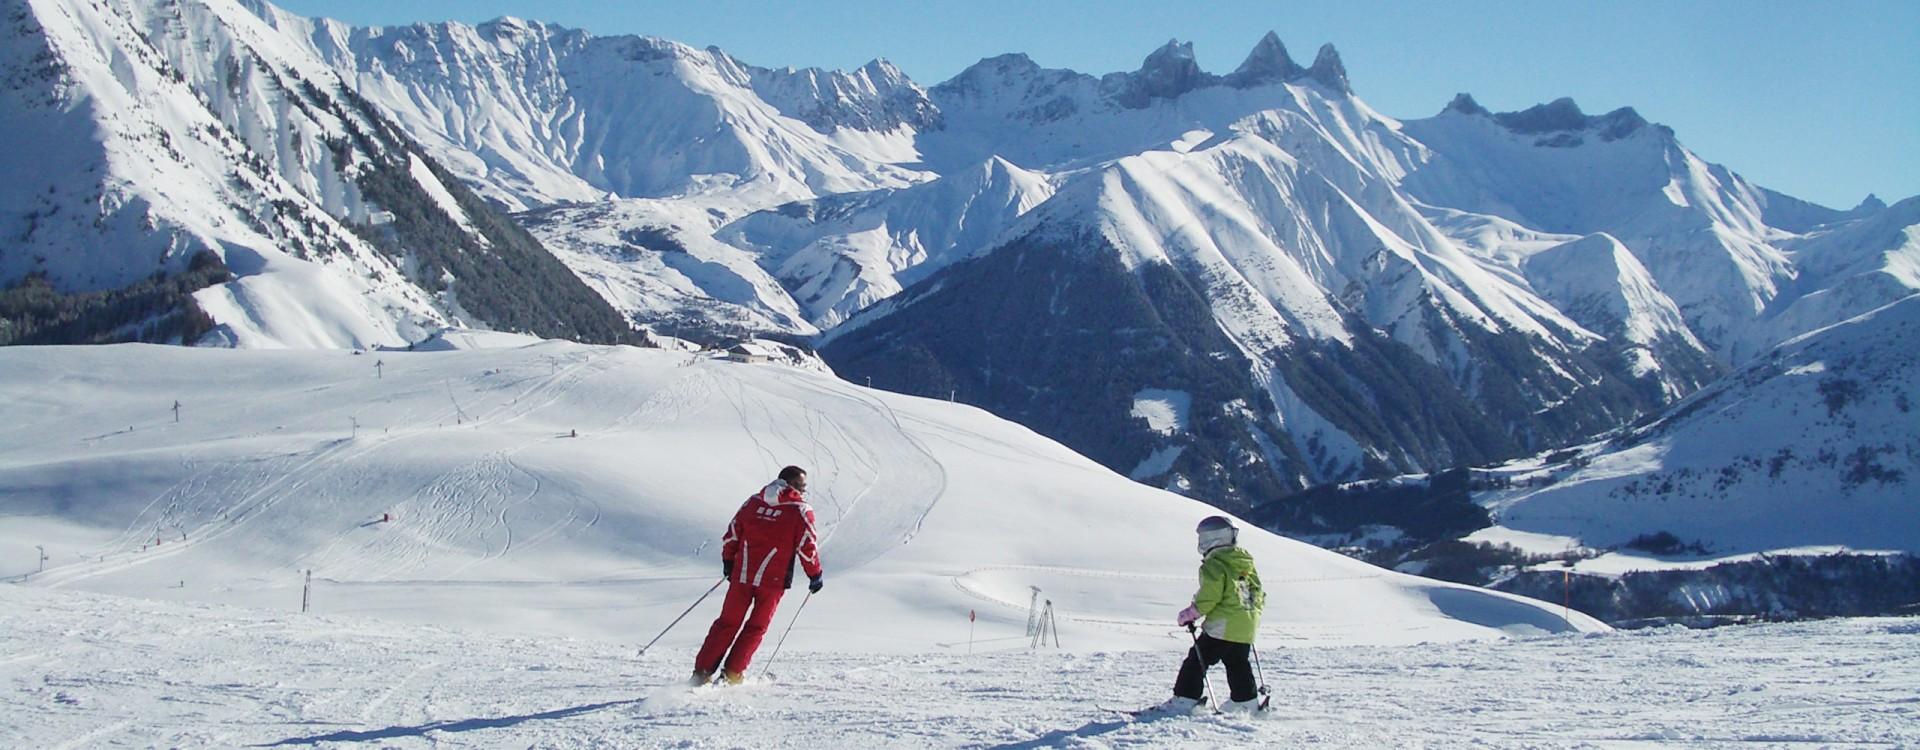 Cours Ski Saint Jean d'Arves Les Sybelles